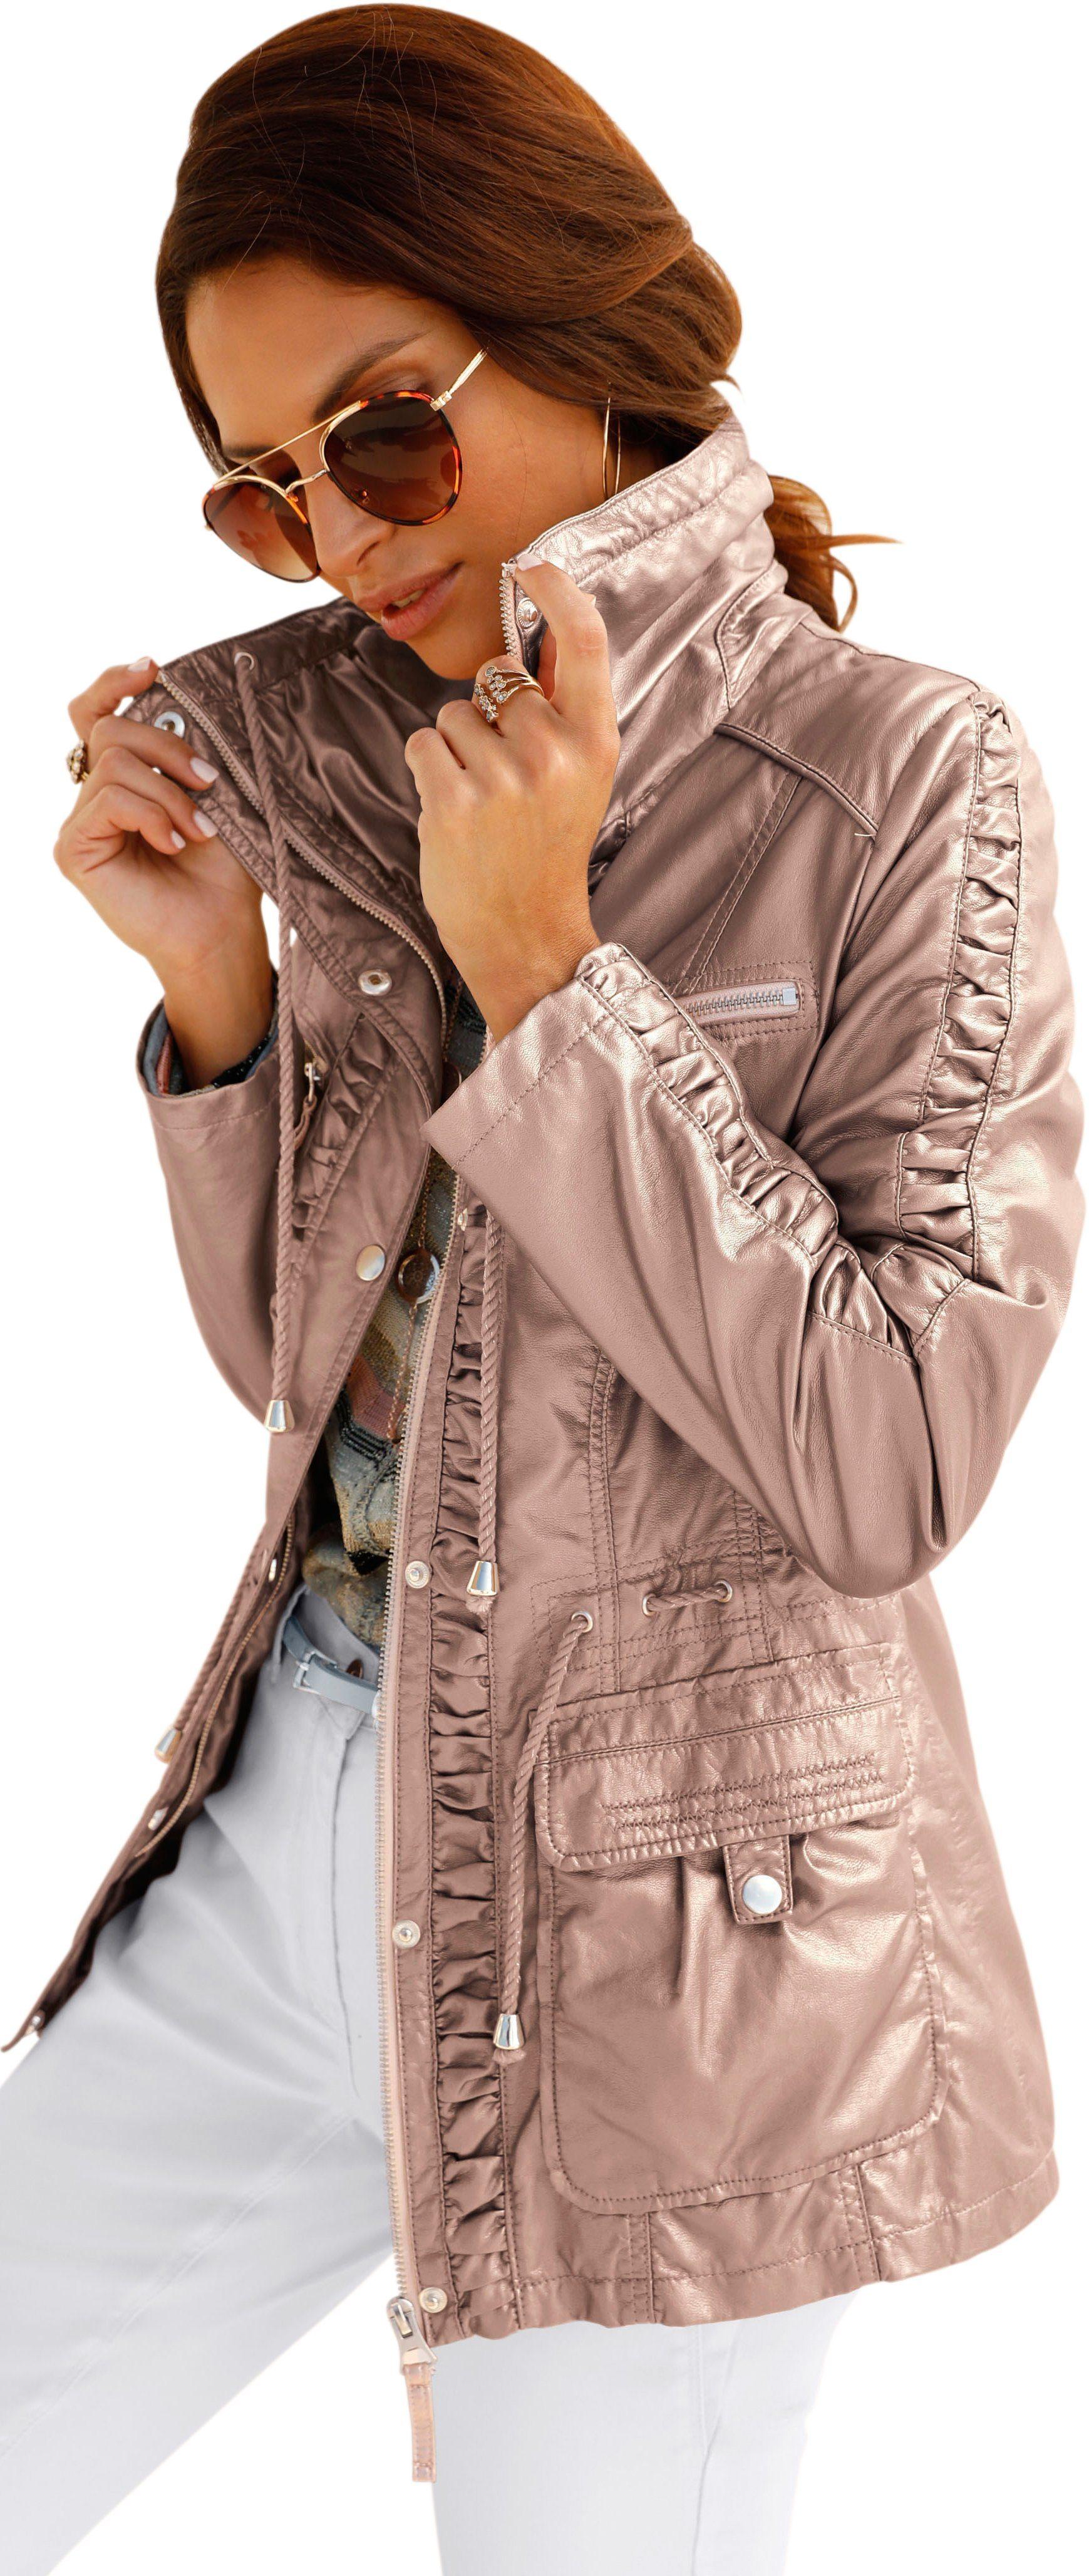 Mainpol imitatieleren jas met expressief glanzende coating in lichtpink metallic